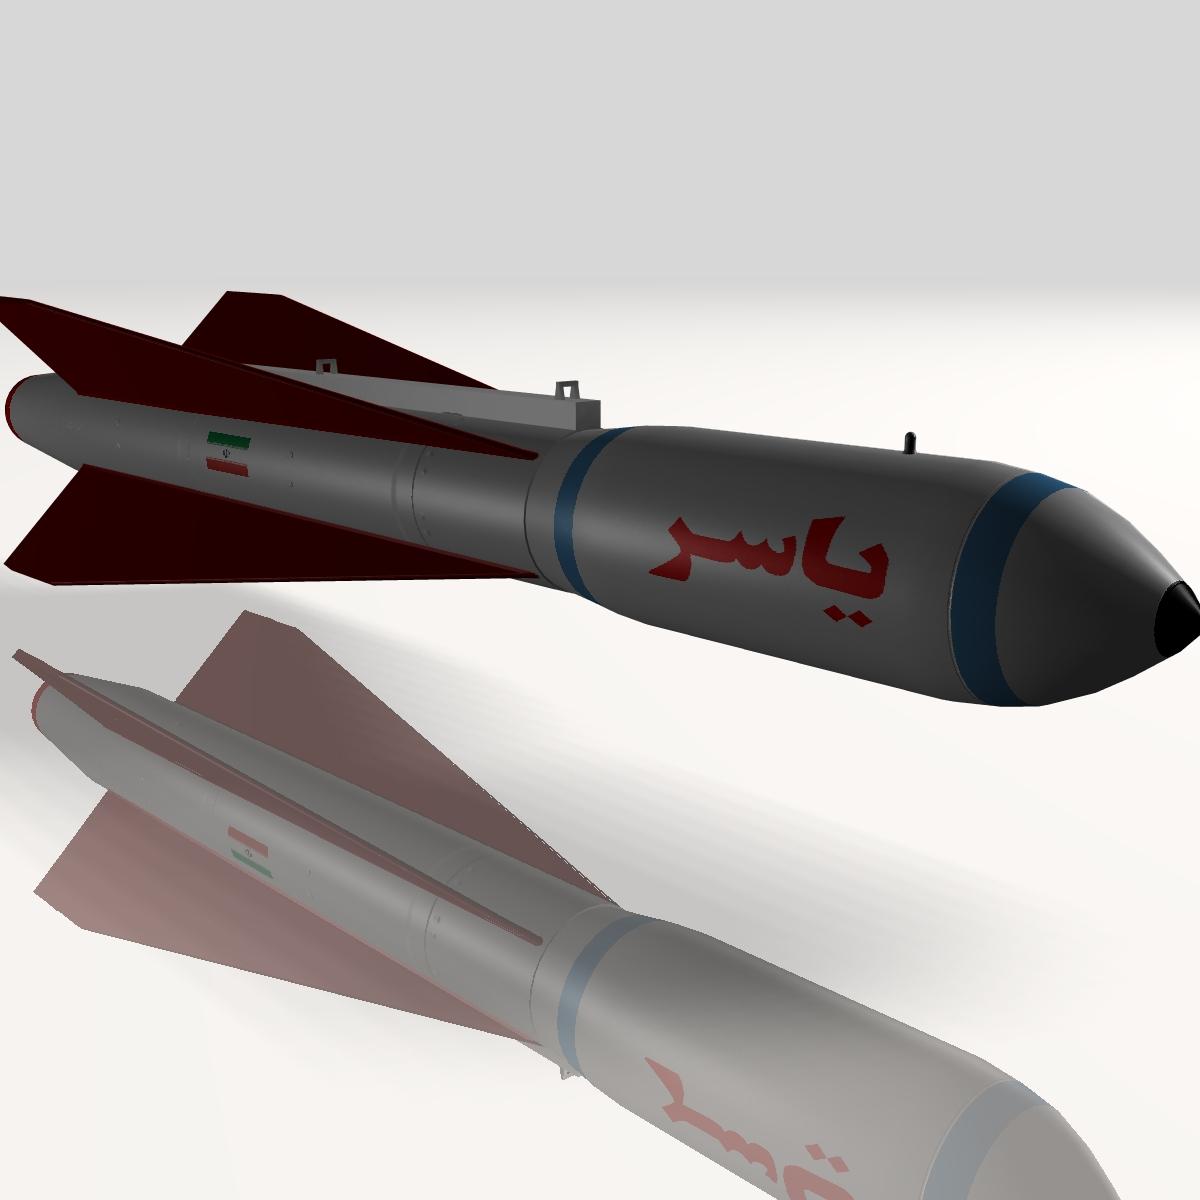 iranian yasser asm missile 3d model 3ds dxf cob x obj 150563